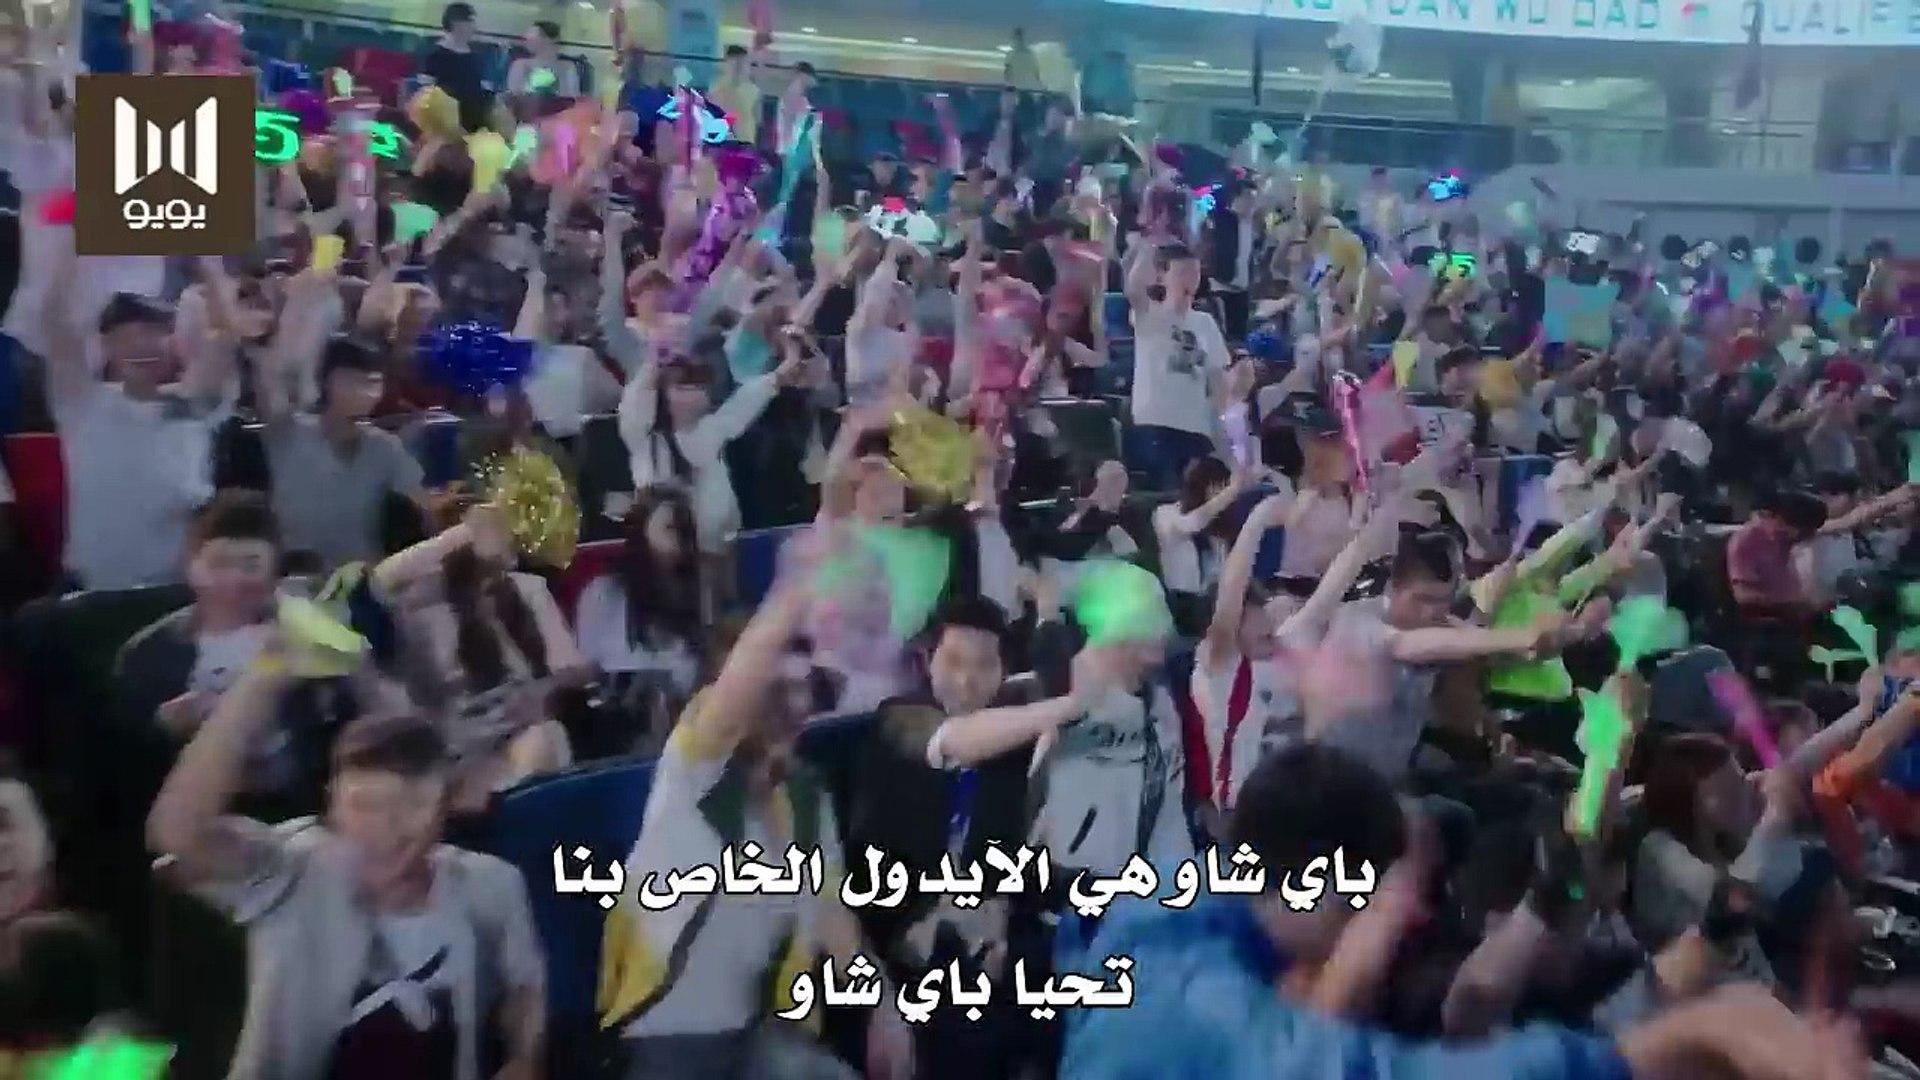 الحلقة 35 و الأخيـــرة من مسلسل فتاة الاعصار 2 Tornado Girl مترجمة